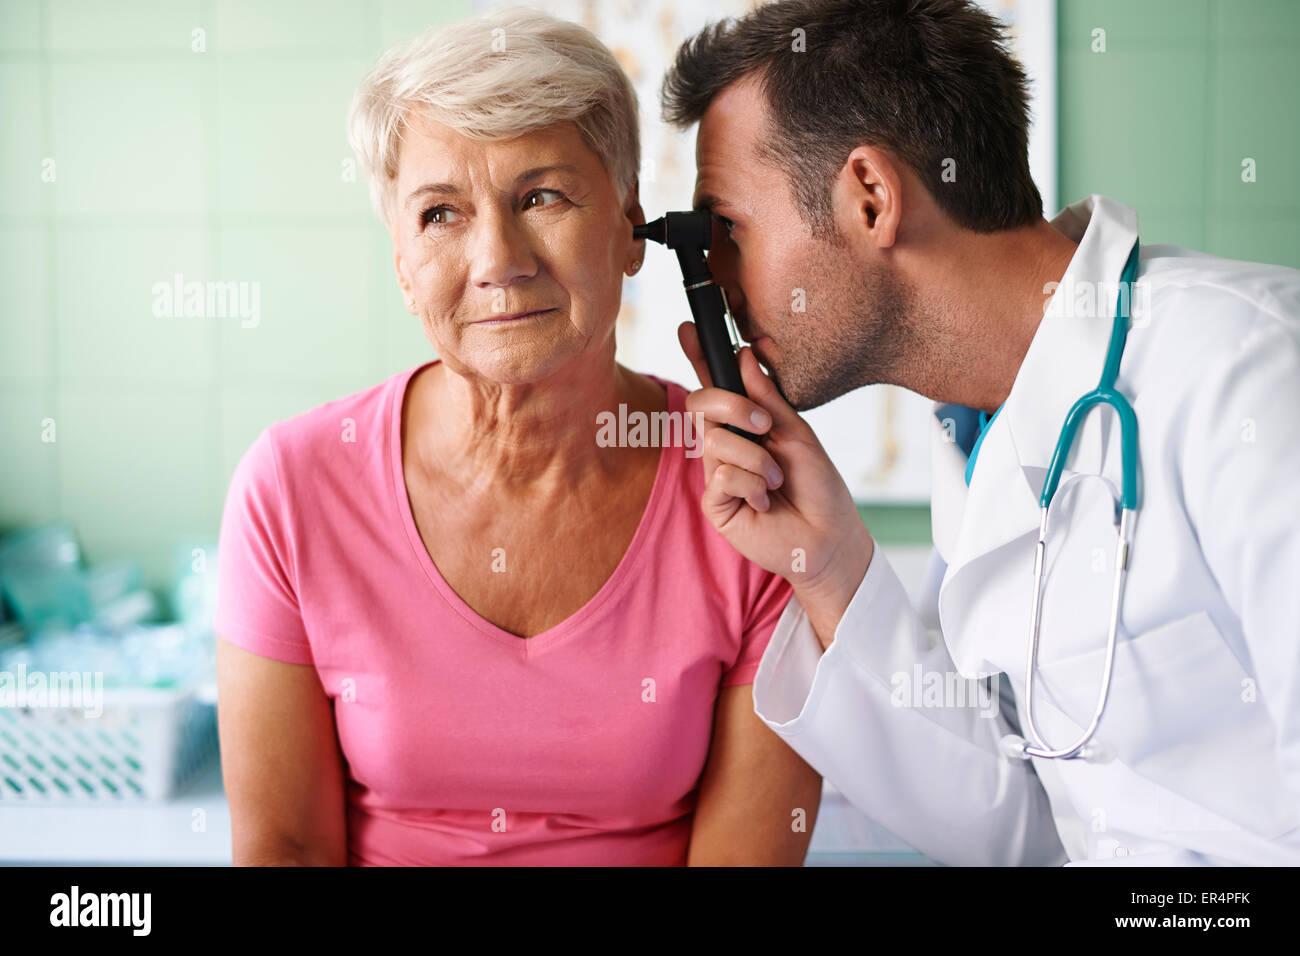 Doctor examining ear of senior woman. Debica, Poland Stock Photo